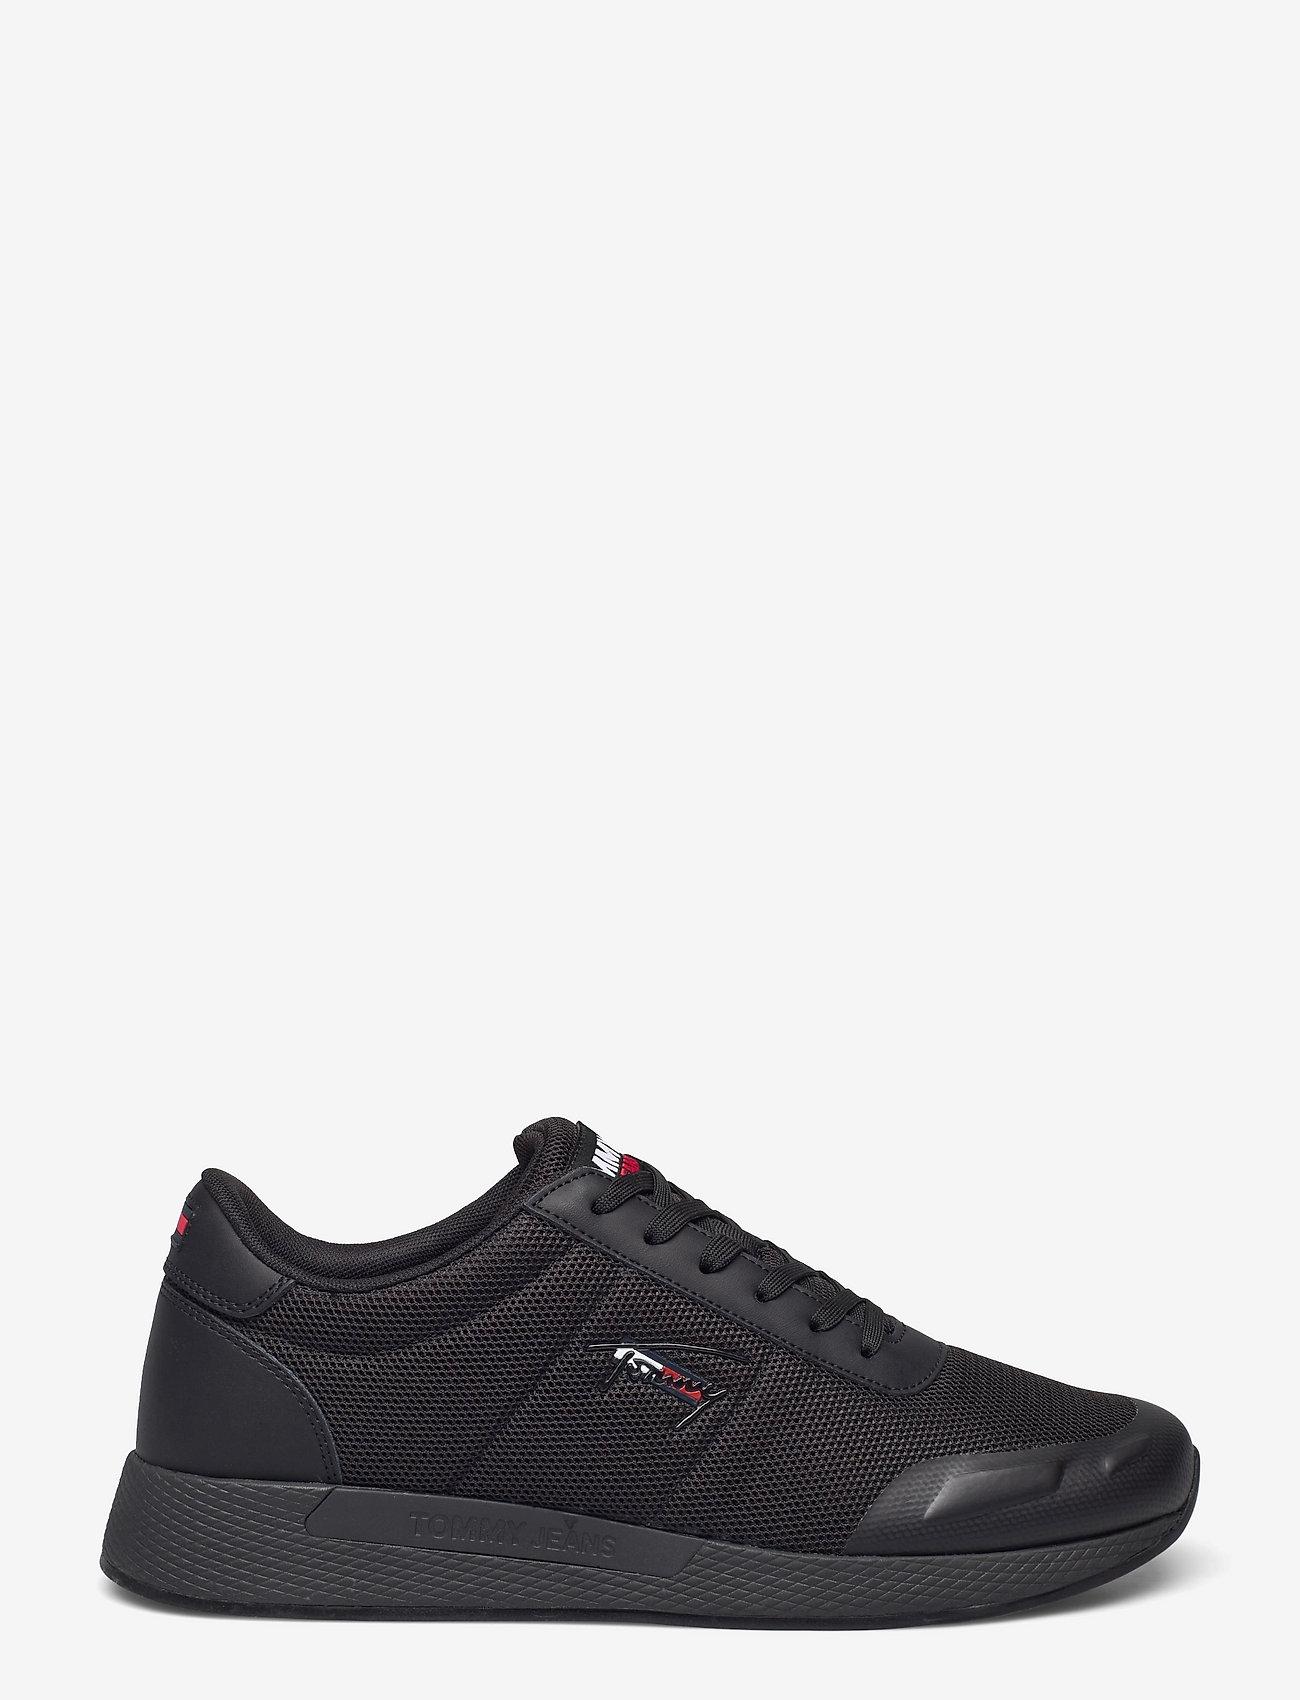 Tommy Hilfiger - FLEXI MESH TJM RUNNER - laag sneakers - black - 1